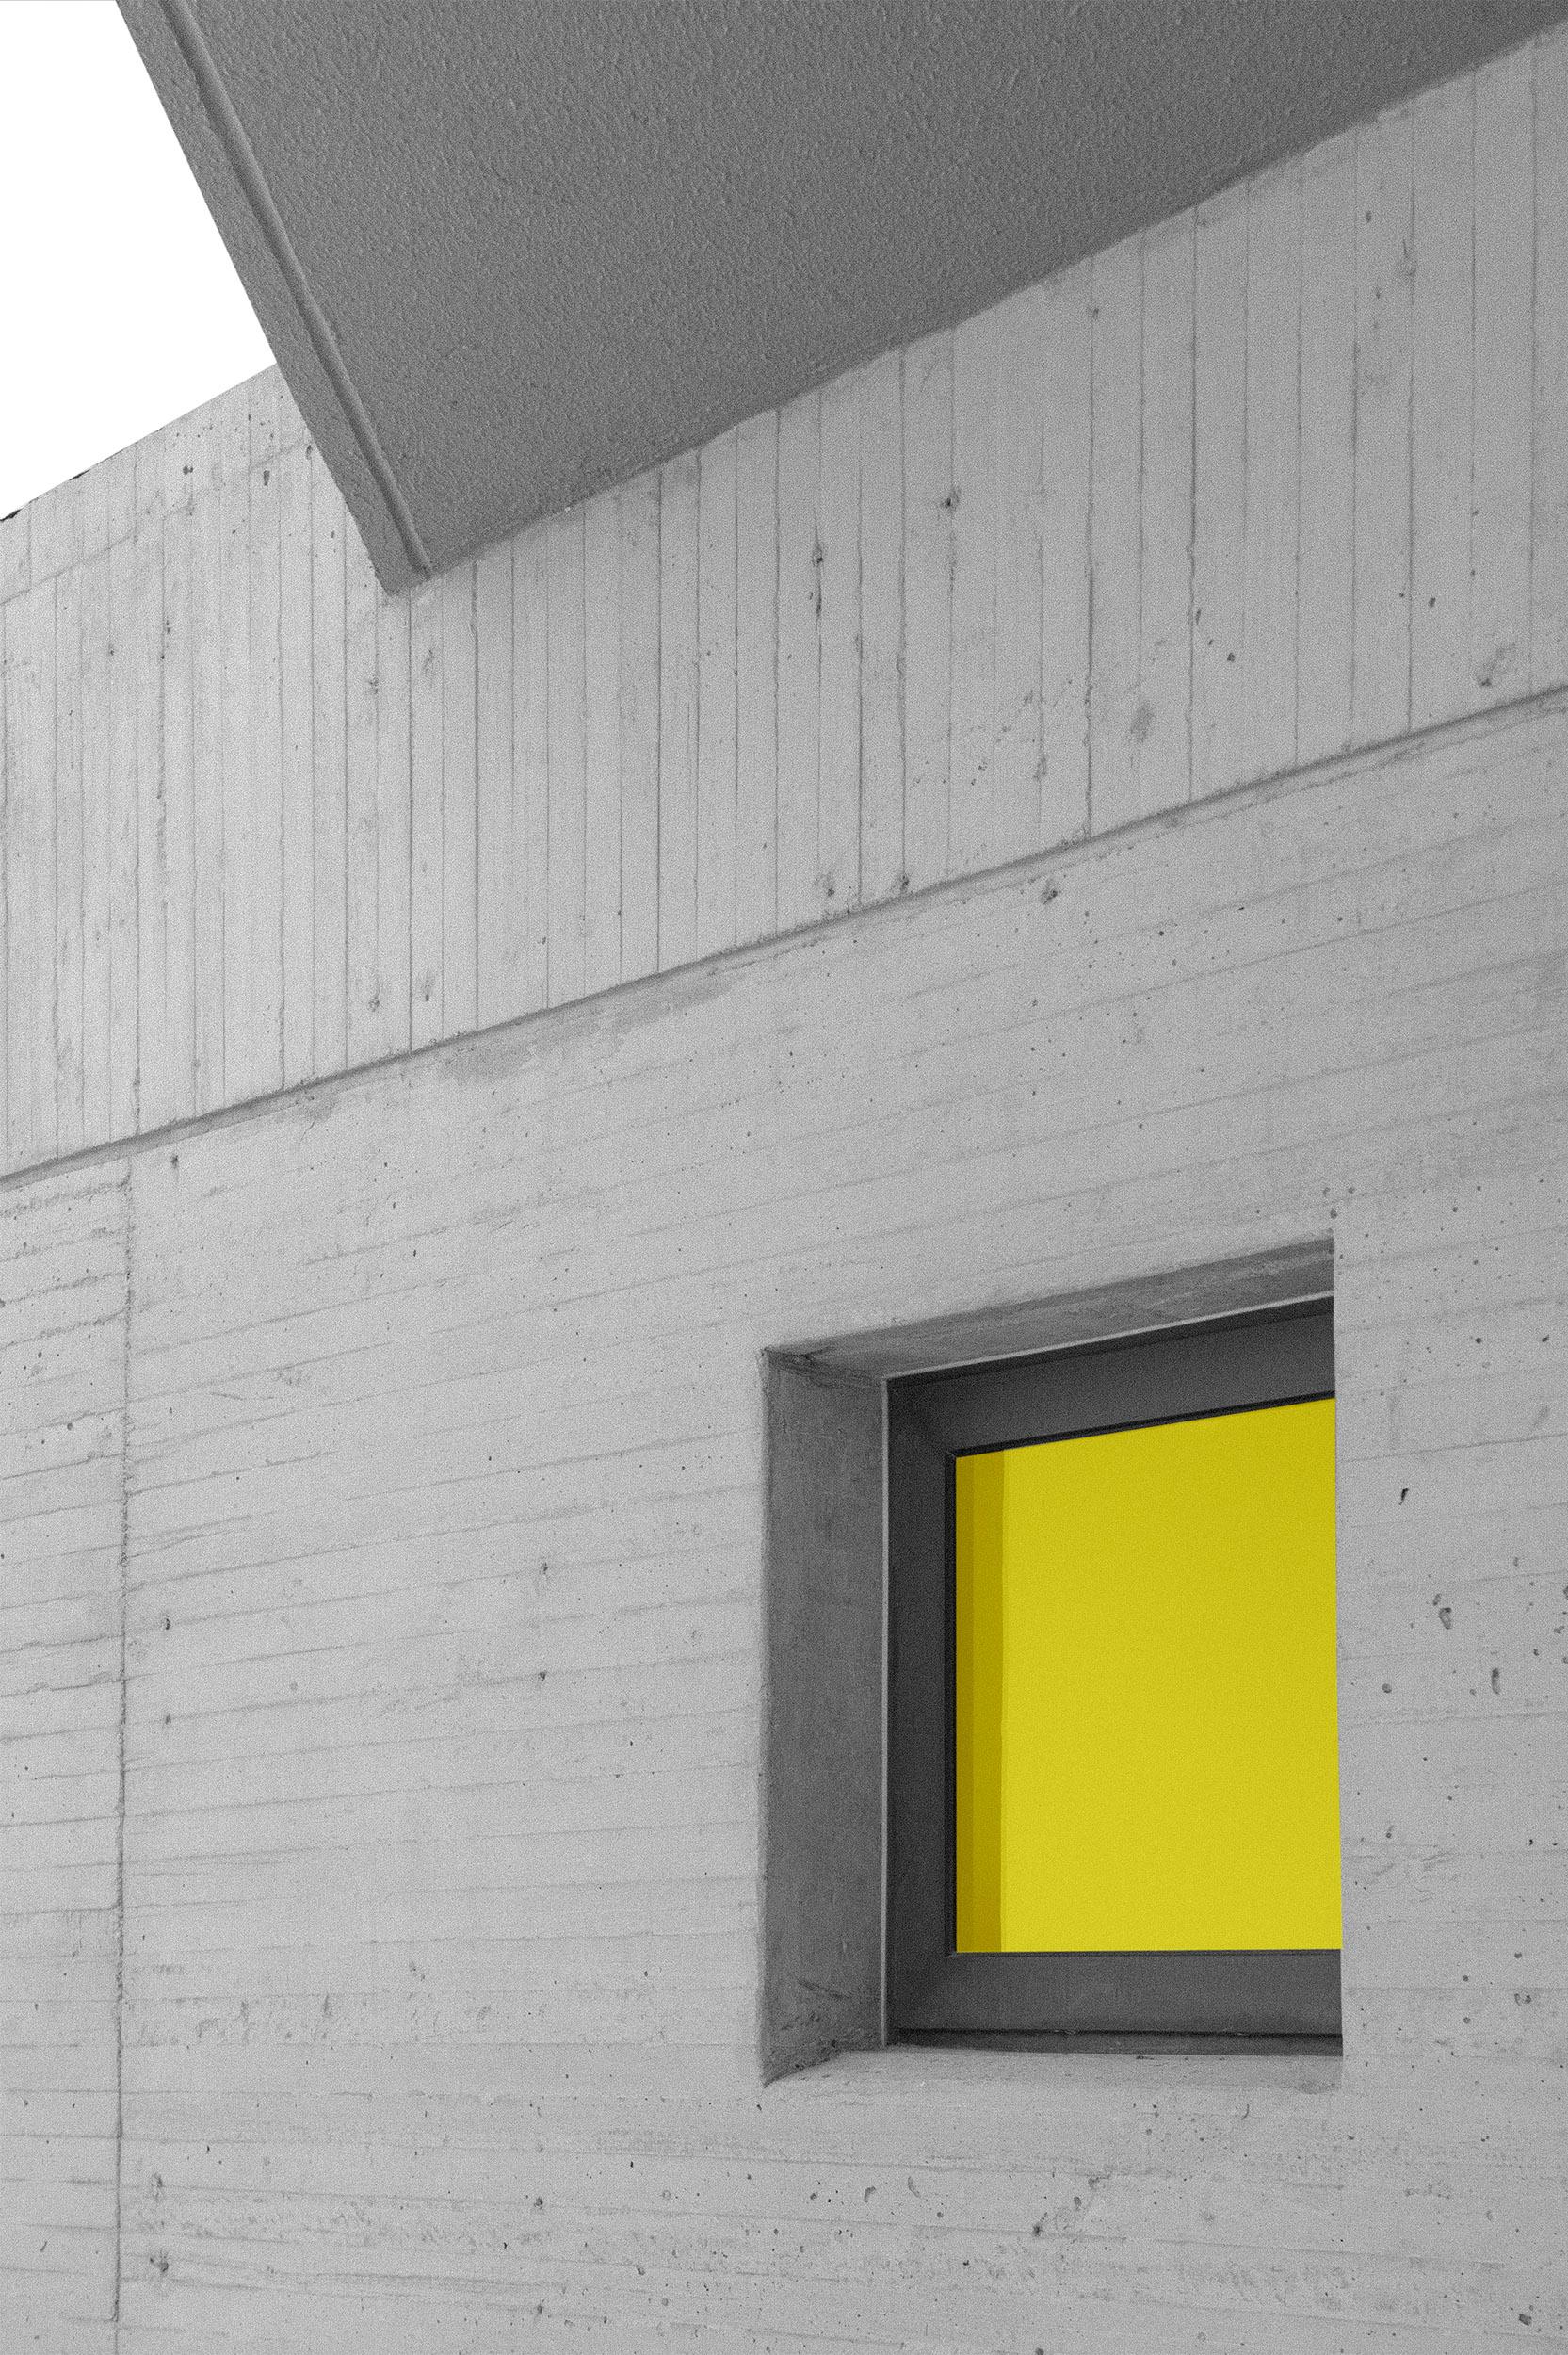 Ventana con marco de aluminio en fachada